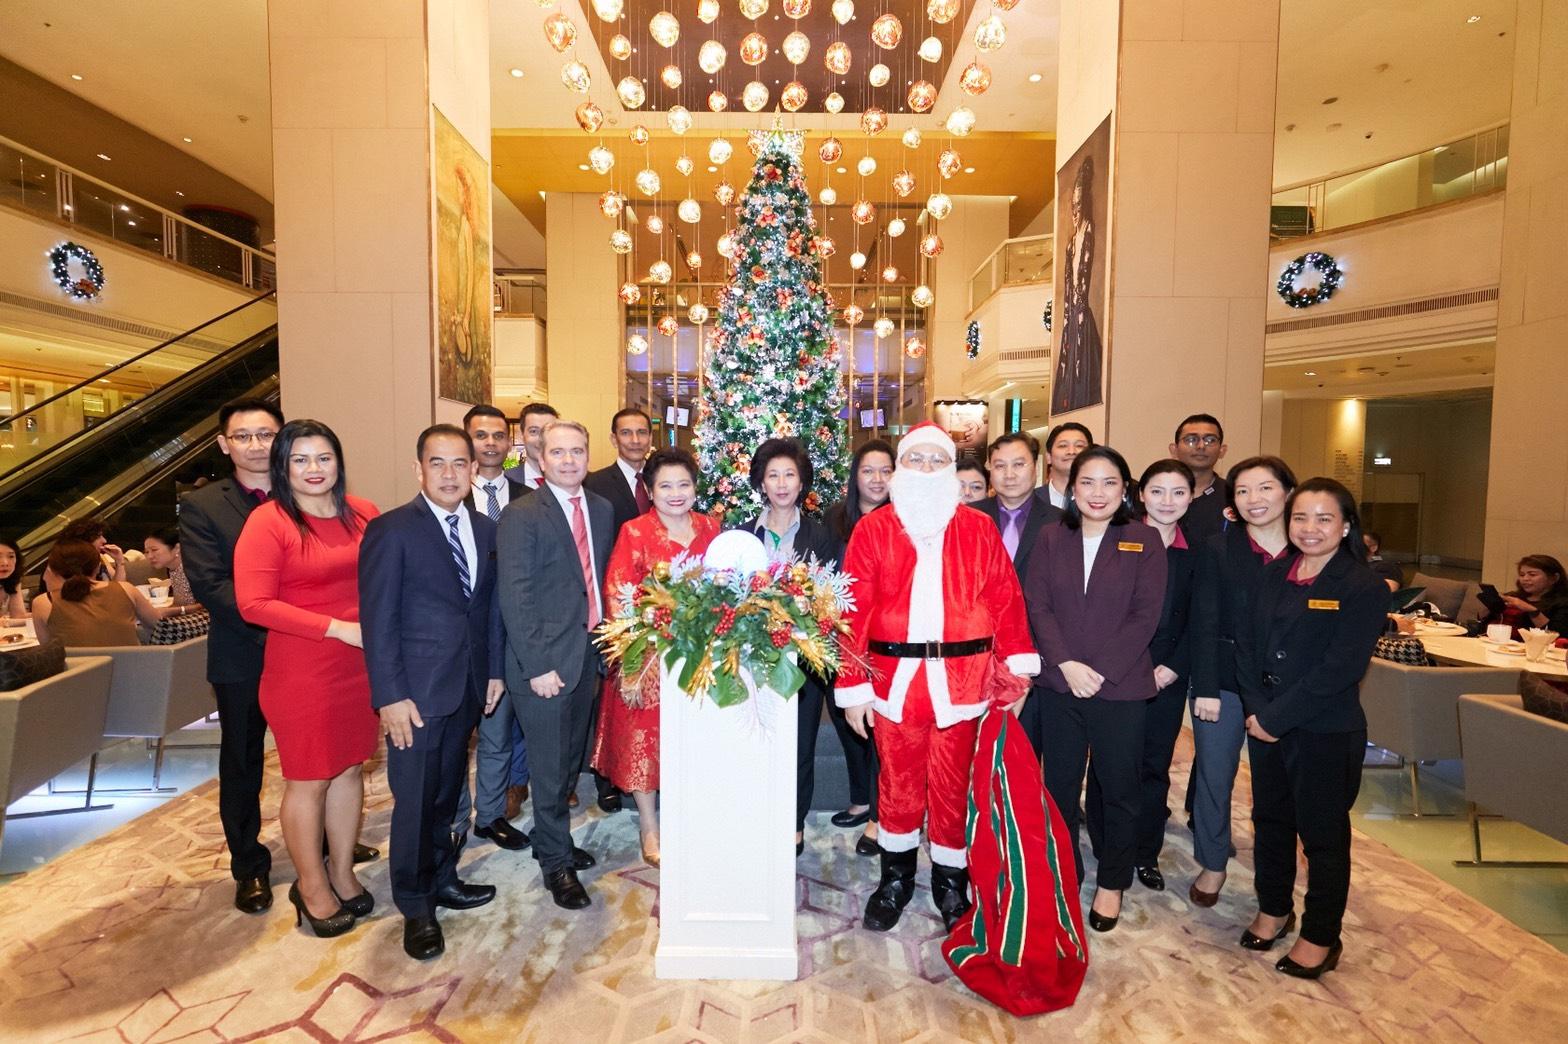 เปิดไฟต้นคริสต์มาสและจิบน้ำชายามบ่ายการกุศล โรงแรมปทุมวัน ปริ๊นเซส